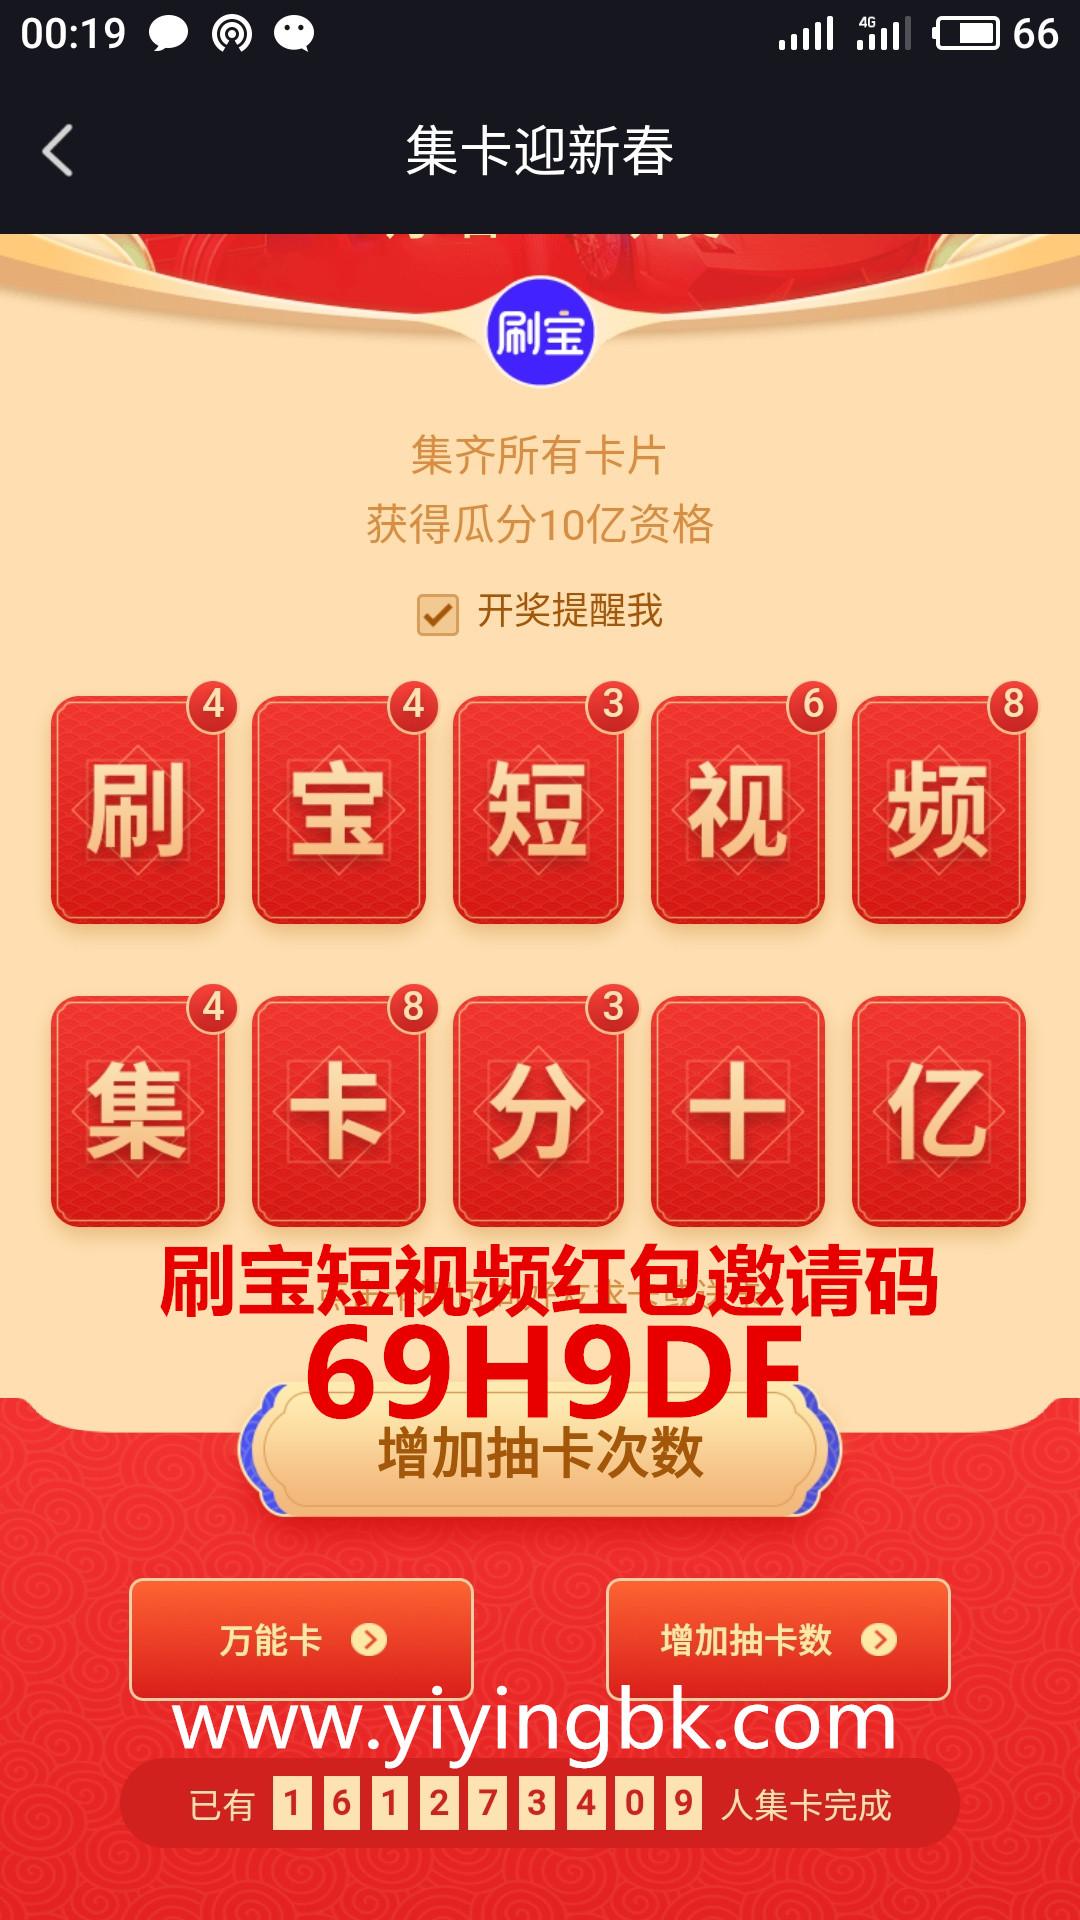 刷宝短视频,集齐字卡瓜分10亿红包。